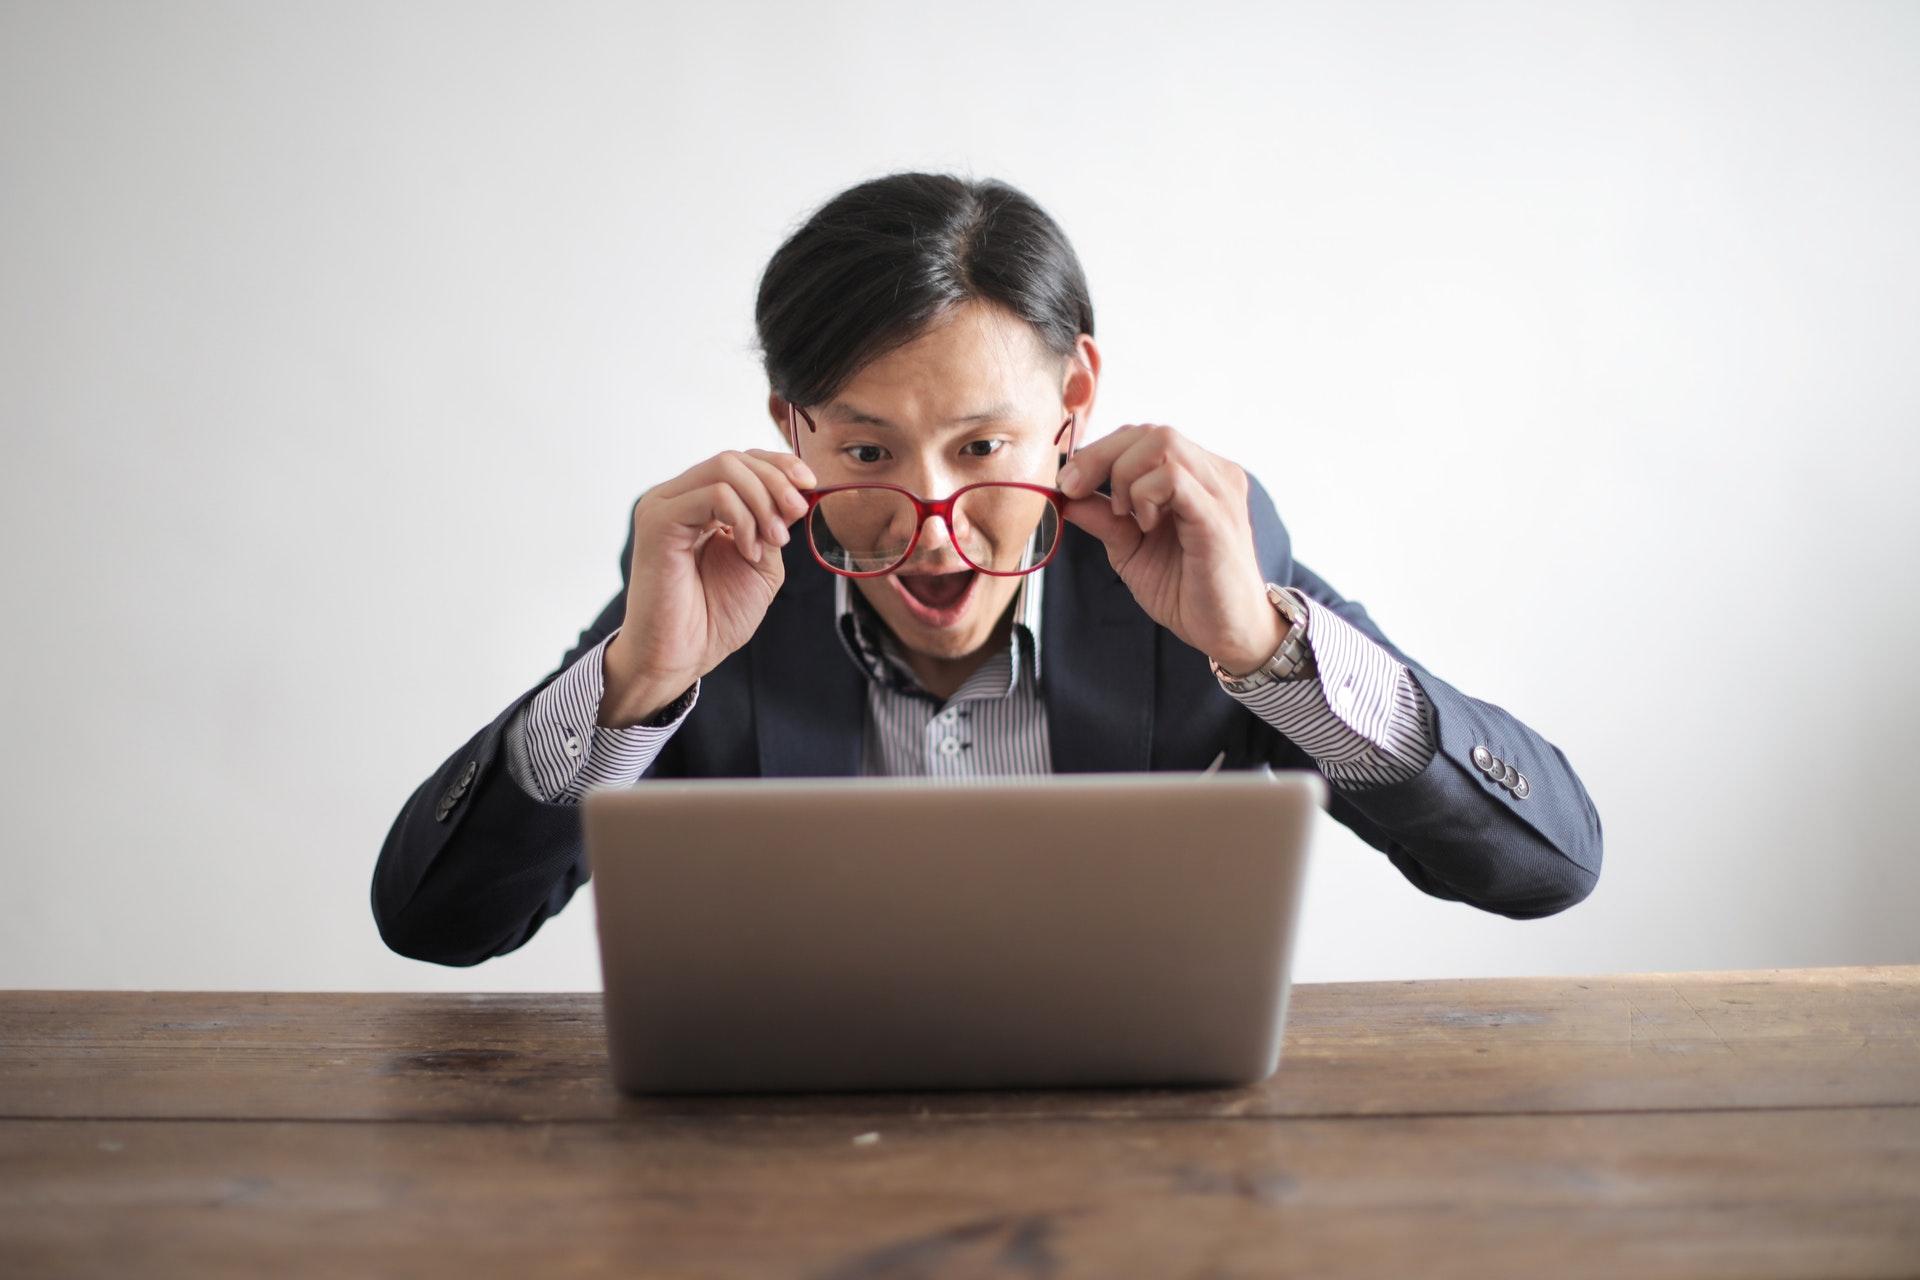 Imagem de um empreendedor olhando para o computador e fazendo cara de surpresa. Imagem ilustrativa texto perfil do franqueado.